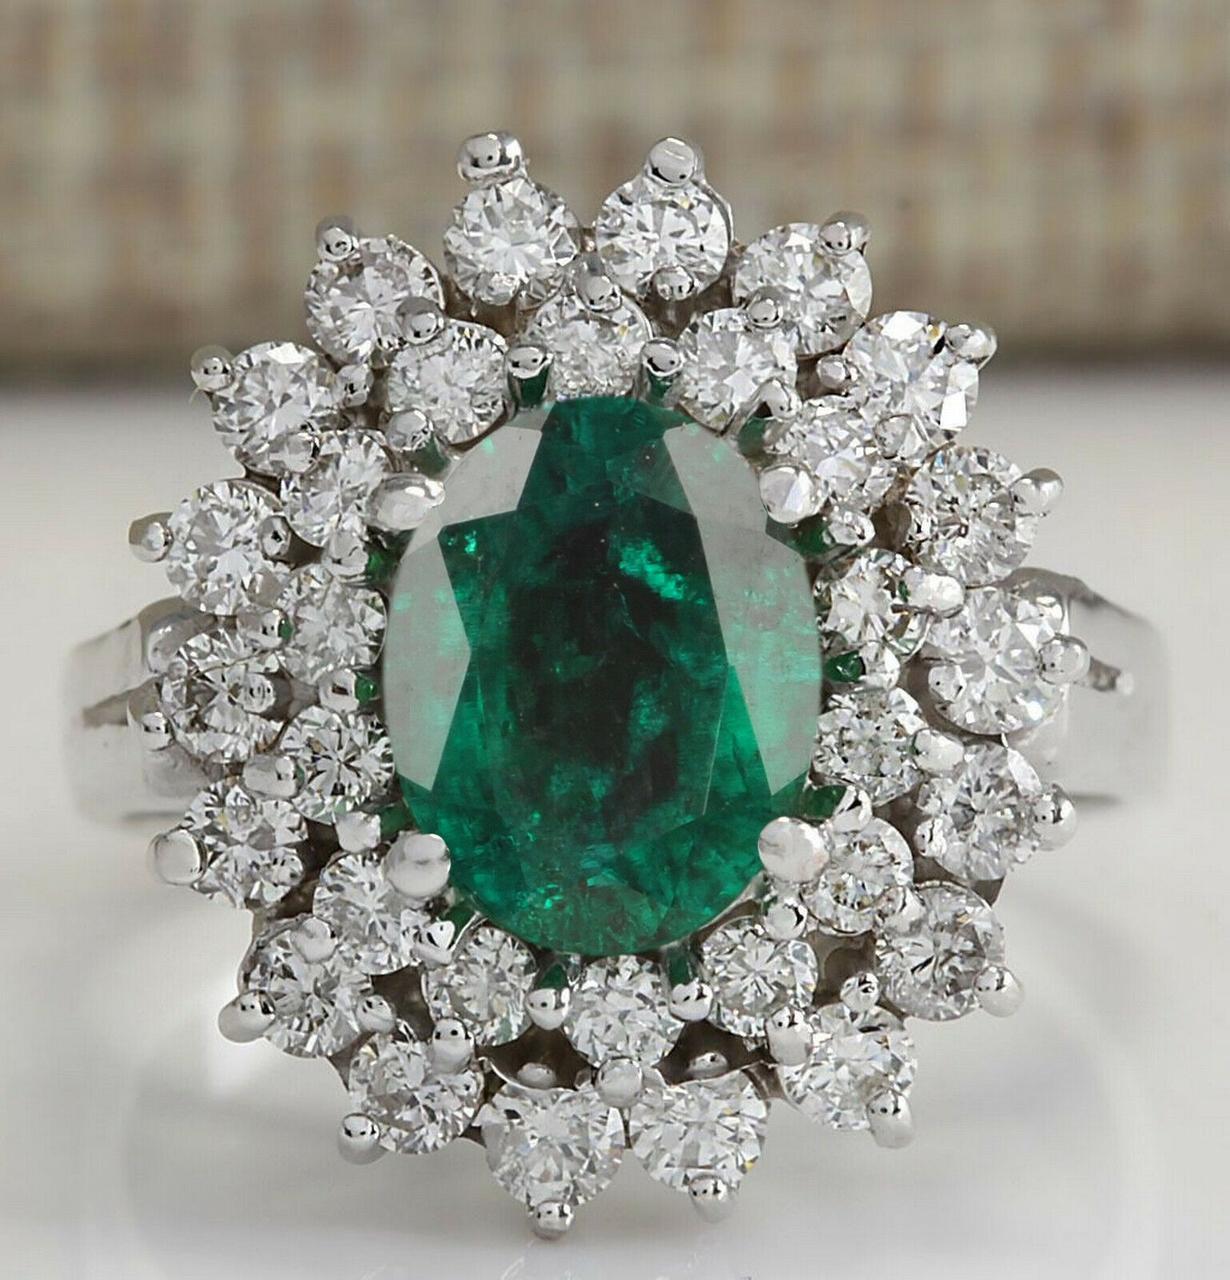 Золотое кольцо 585 проба ,изумруд.,бриллианты Размер 18 Сертификаты